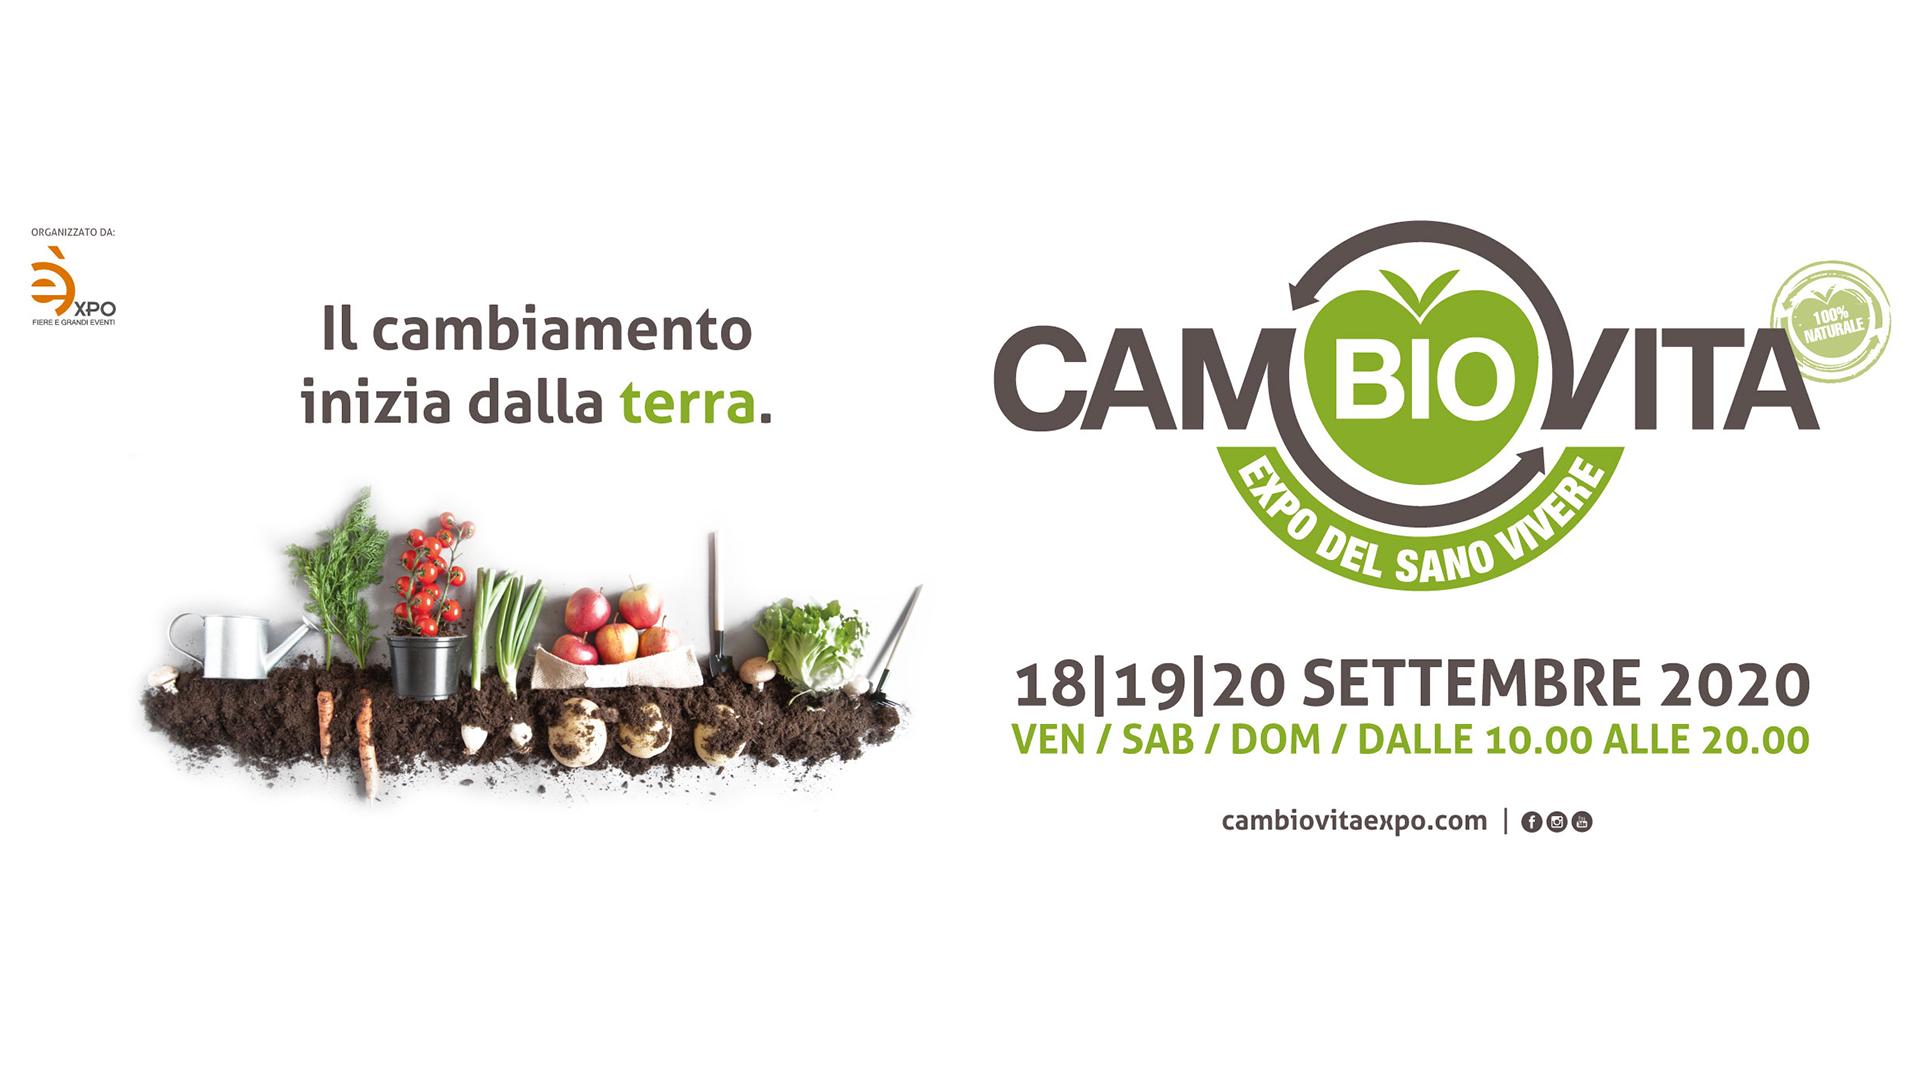 CamBIO Vita 2020 - Expo del sano vivere - 18, 19, 20 settembre 2020 Catania